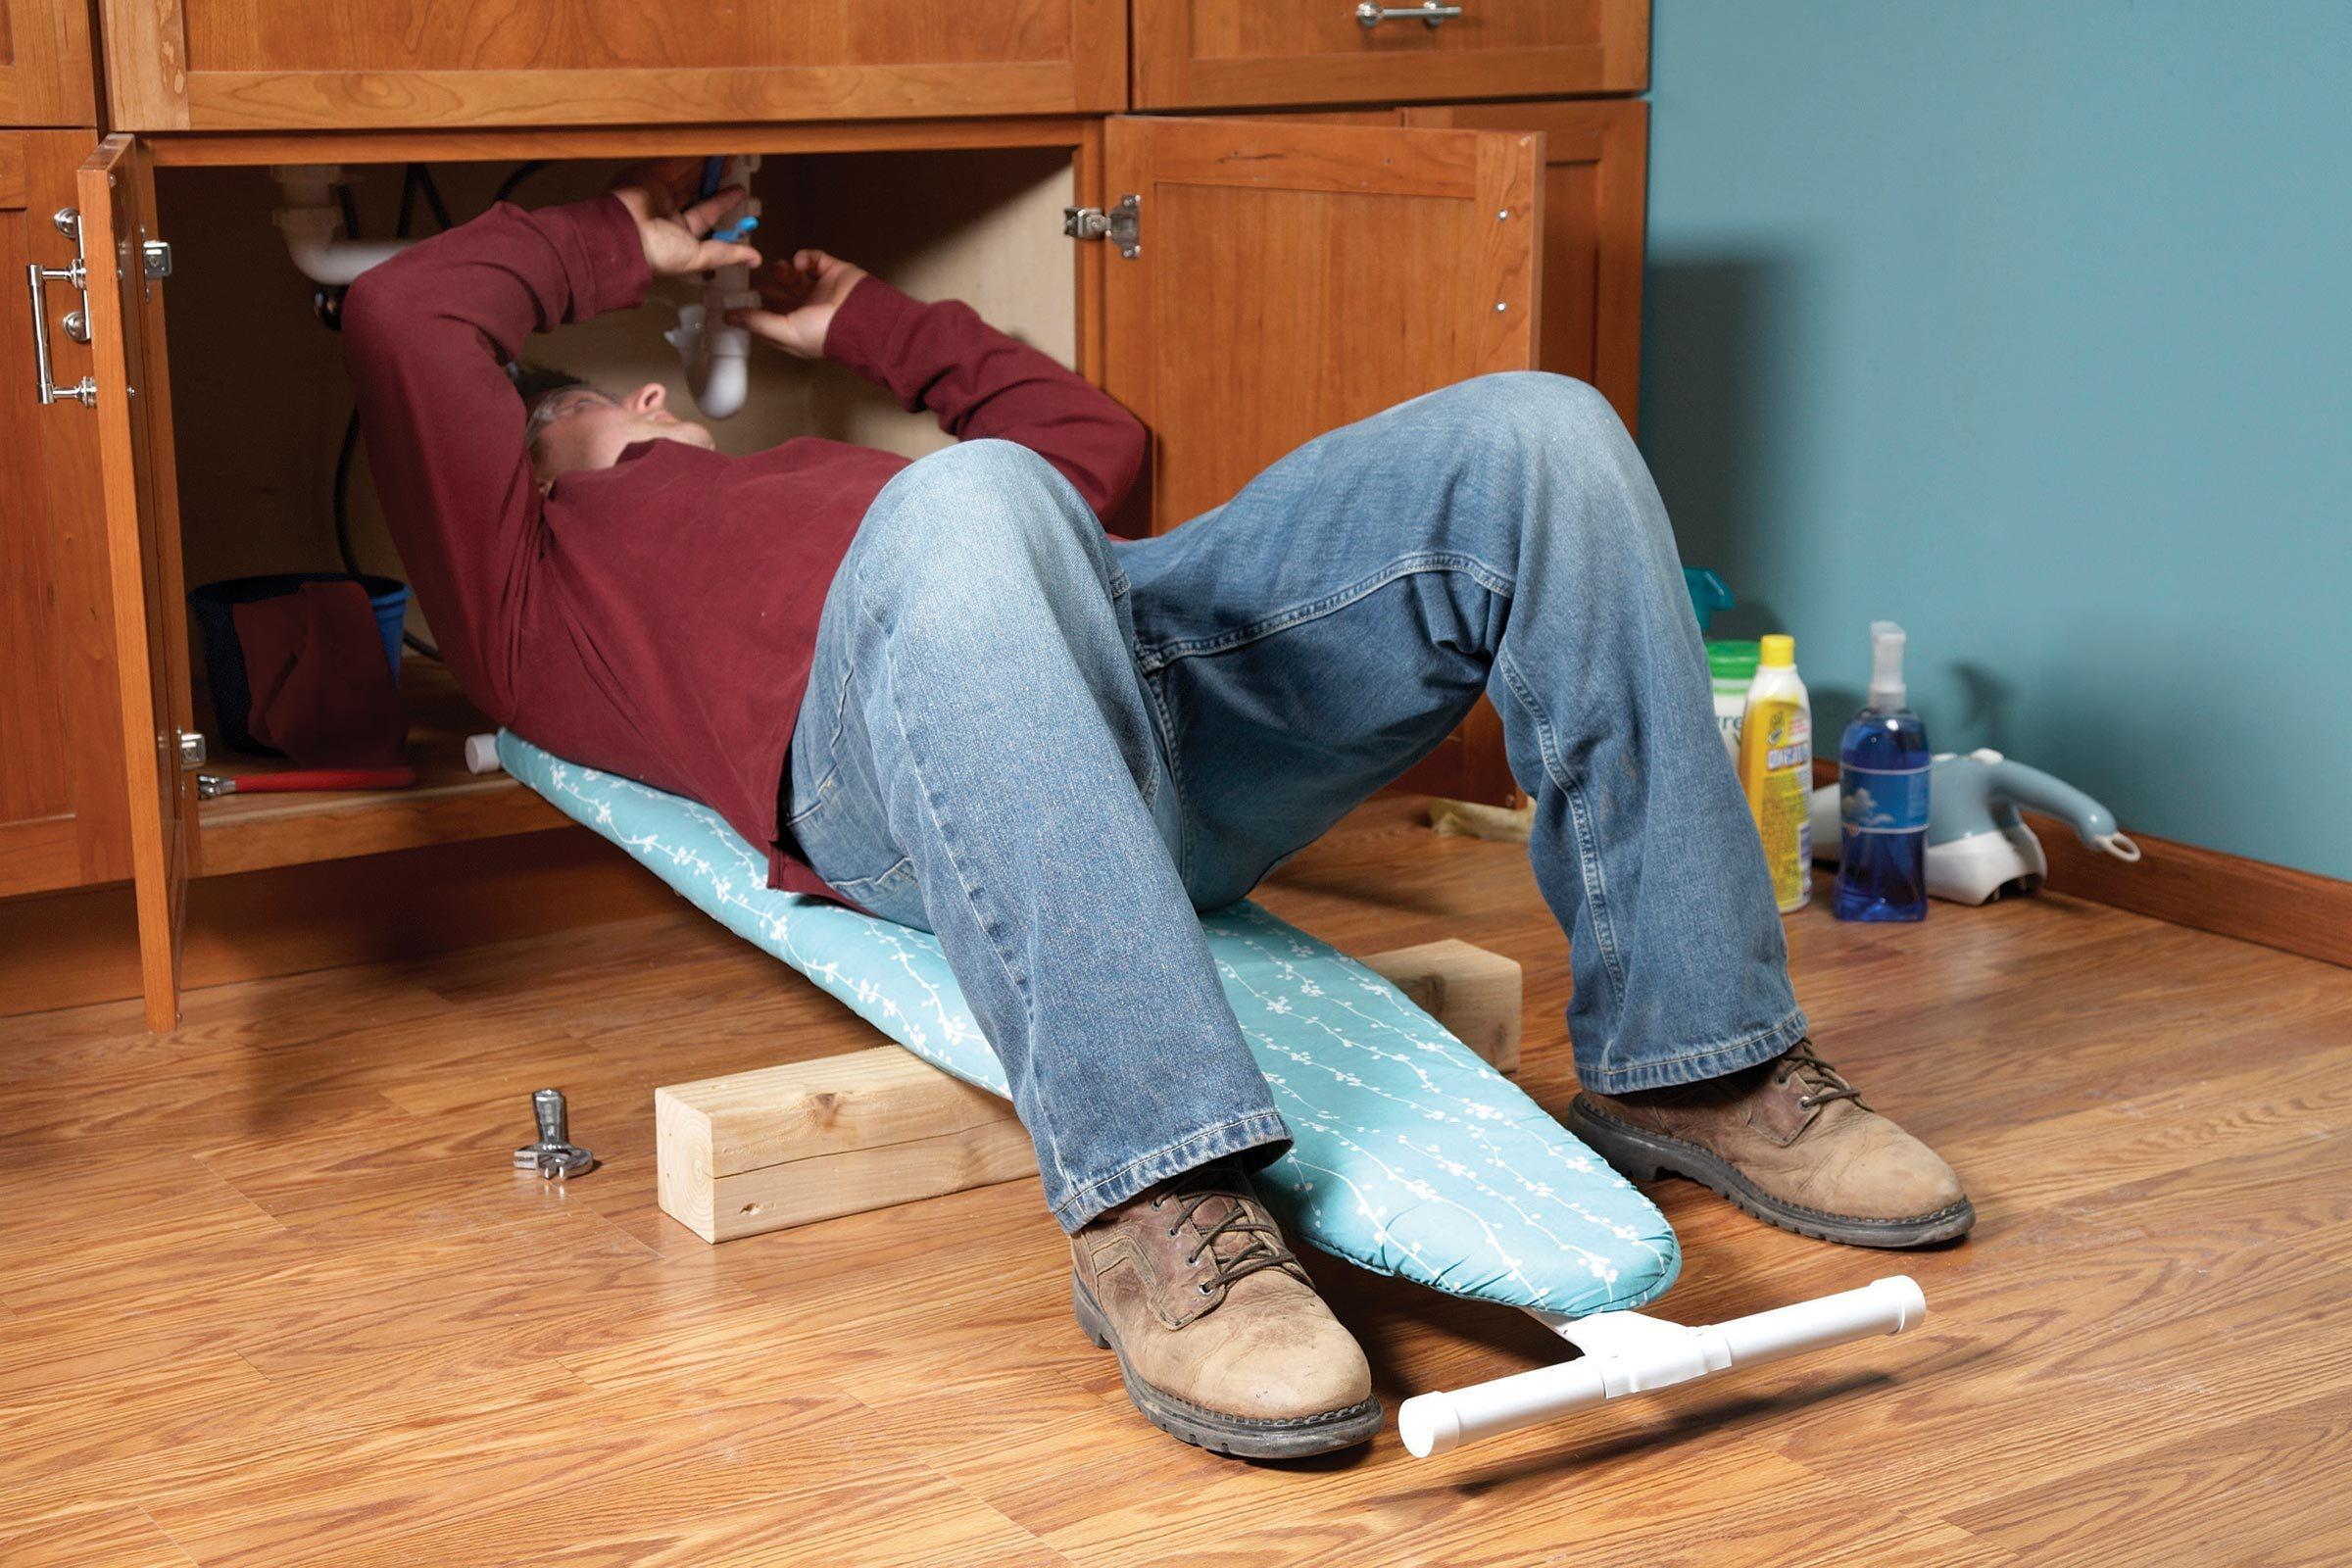 Utiliser une planche à repasser comme soutien dorsal